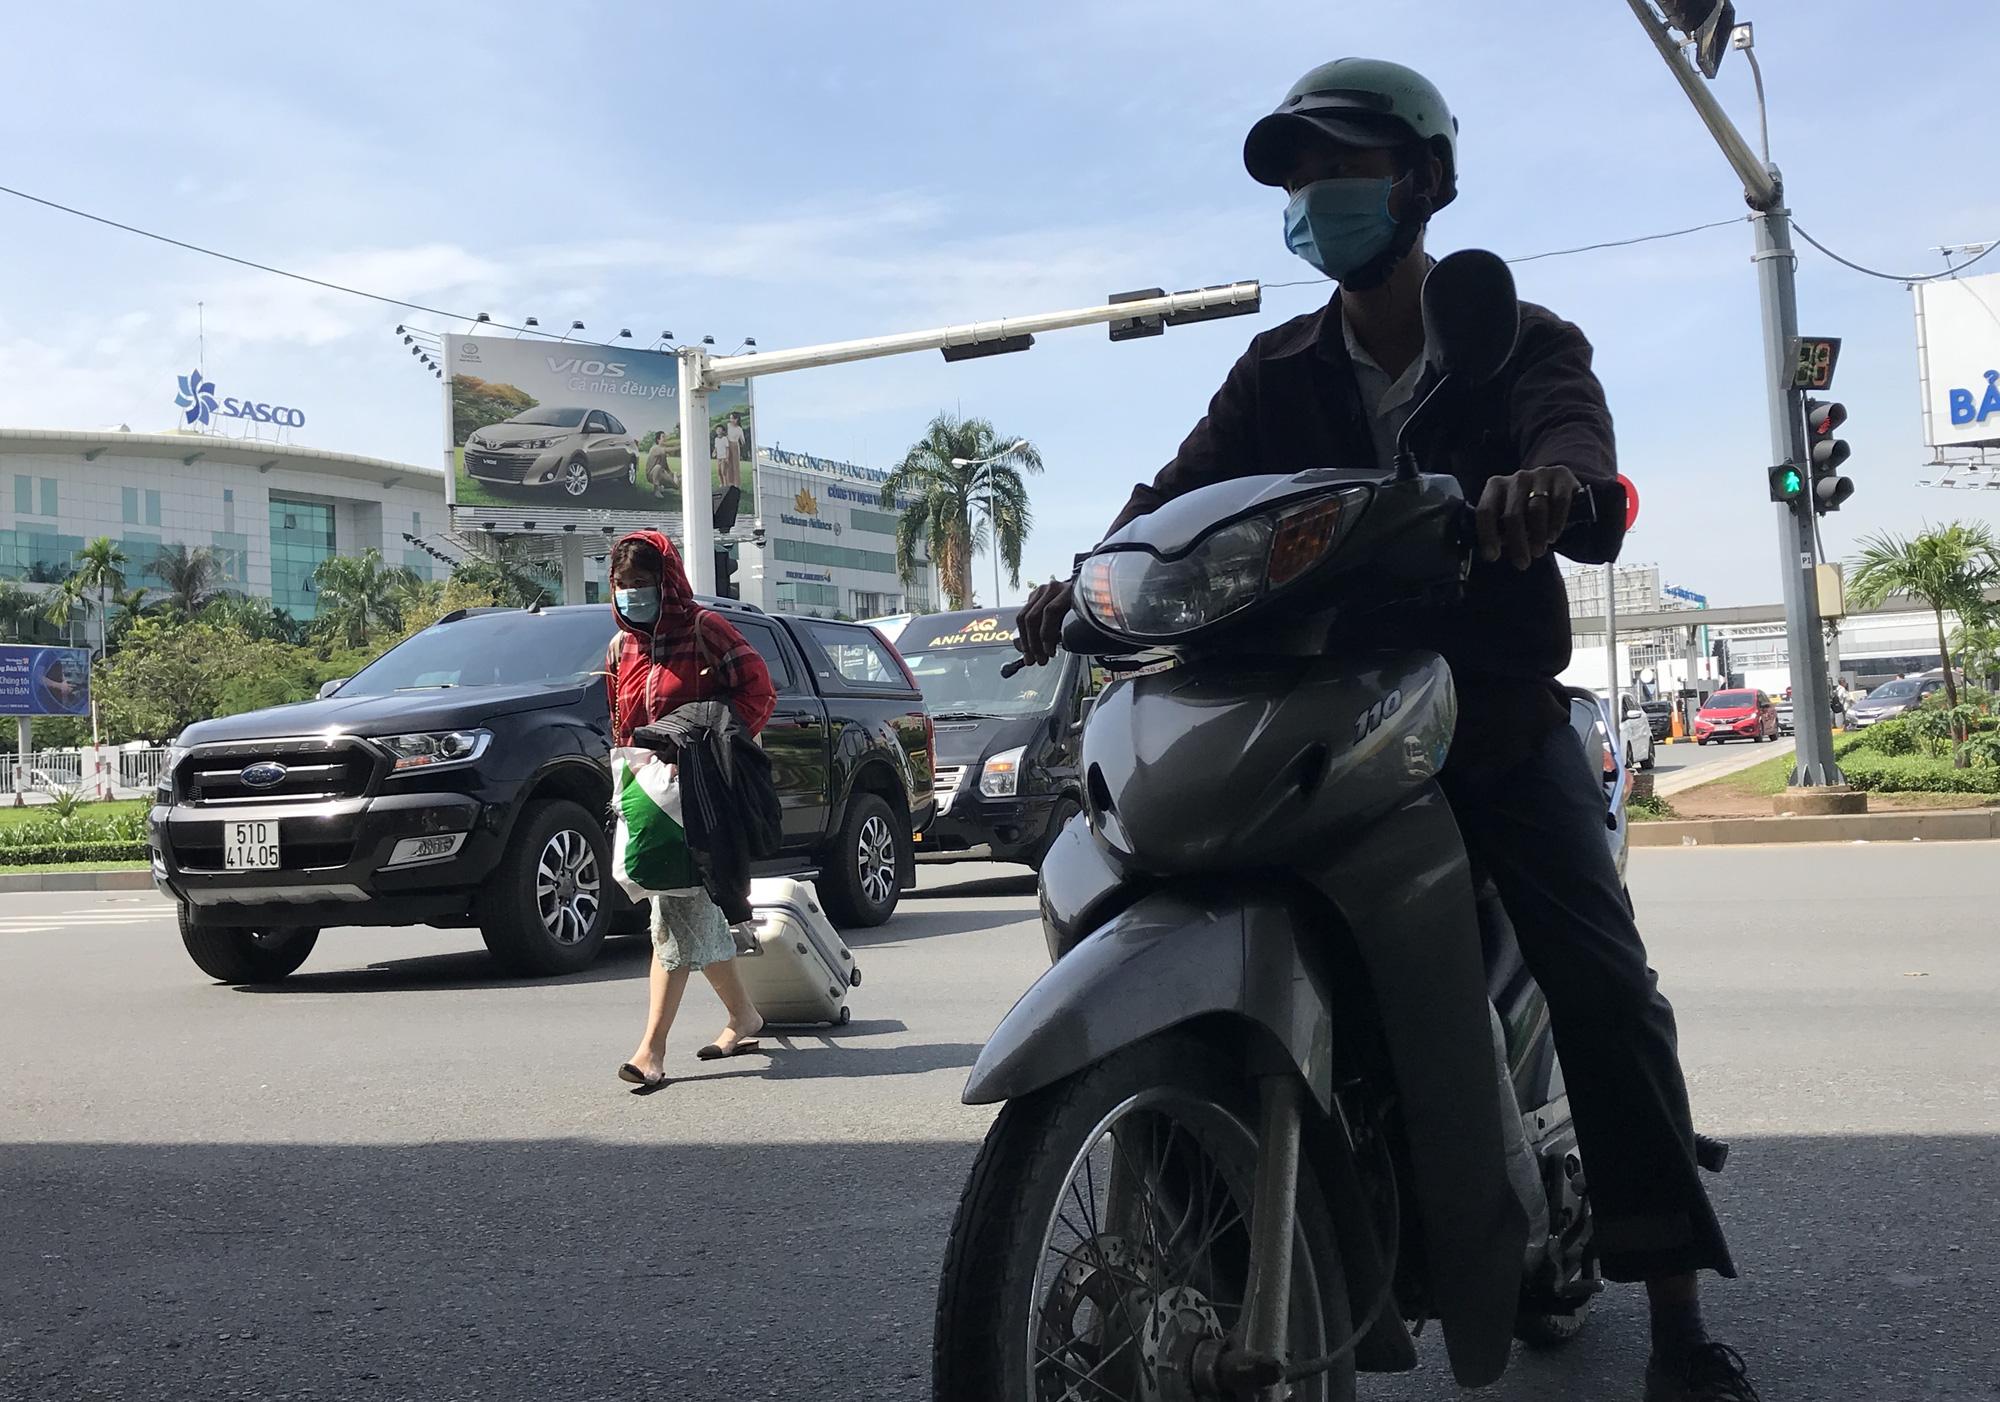 Khách vã mồ hôi, vác vali ra khỏi sân bay Tân Sơn Nhất,  cắt ngang làn ô tô để đón xe - Ảnh 4.